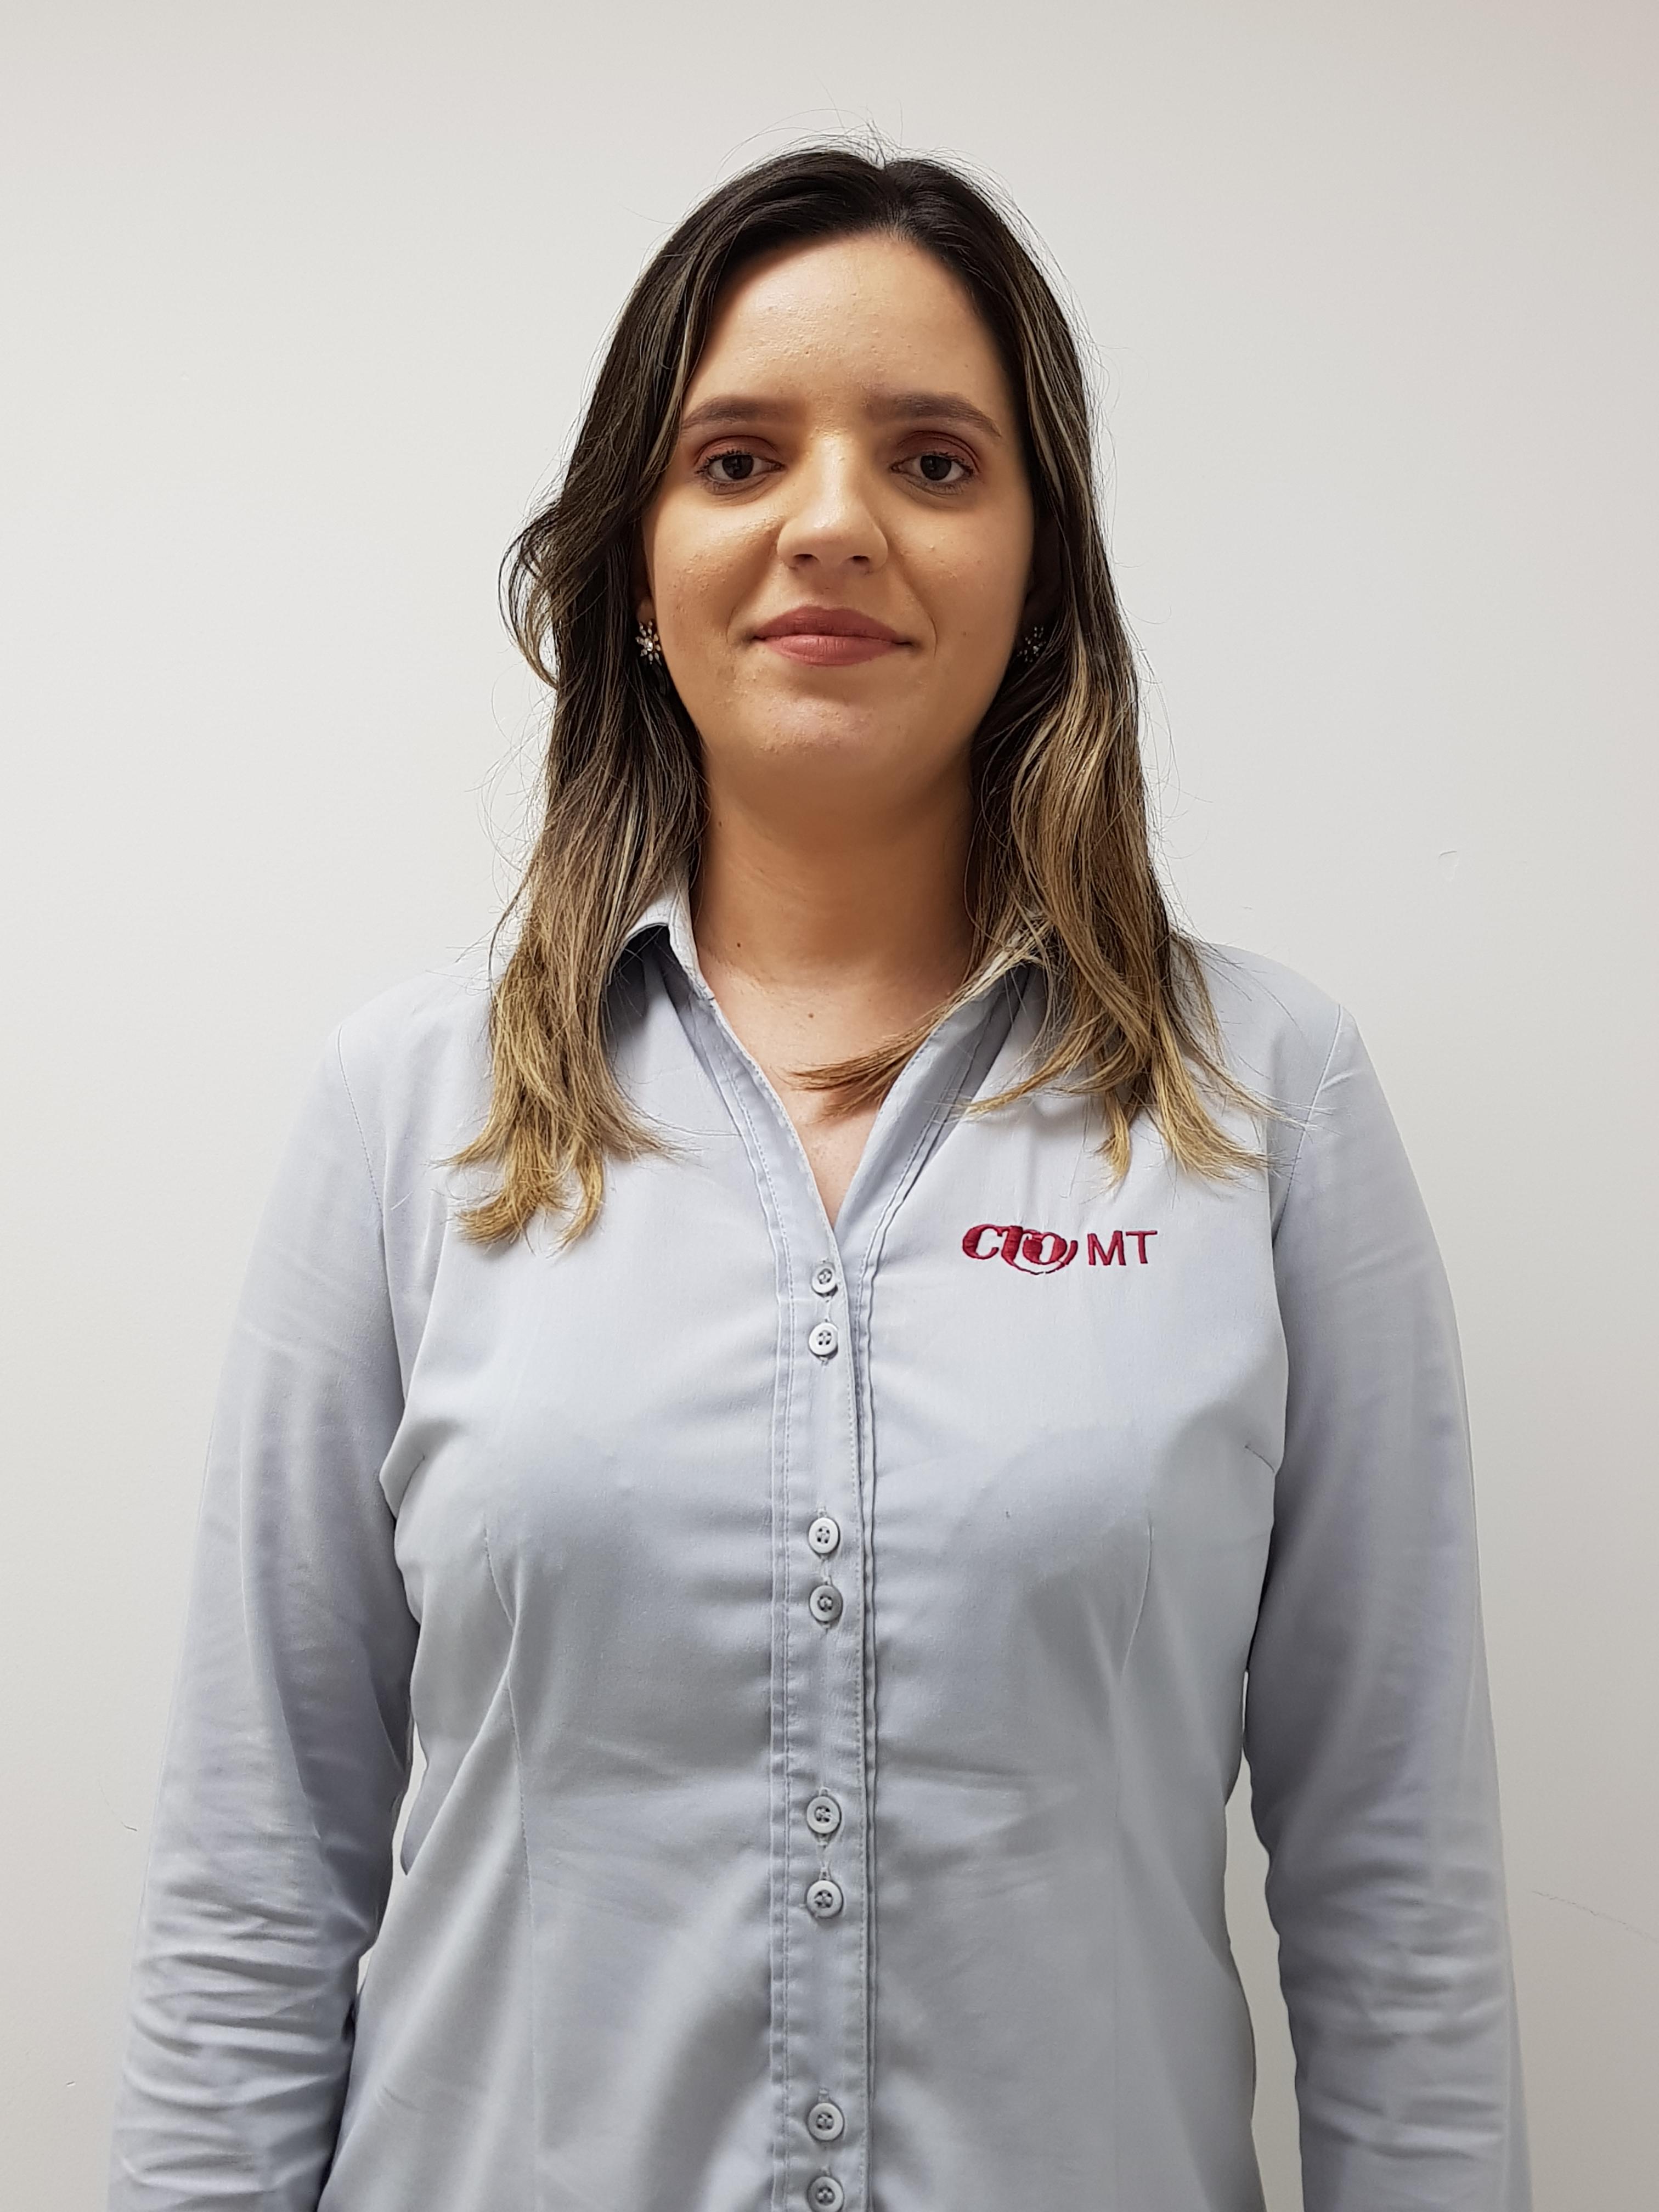 Jessika Sheyene Floriano Cardoso